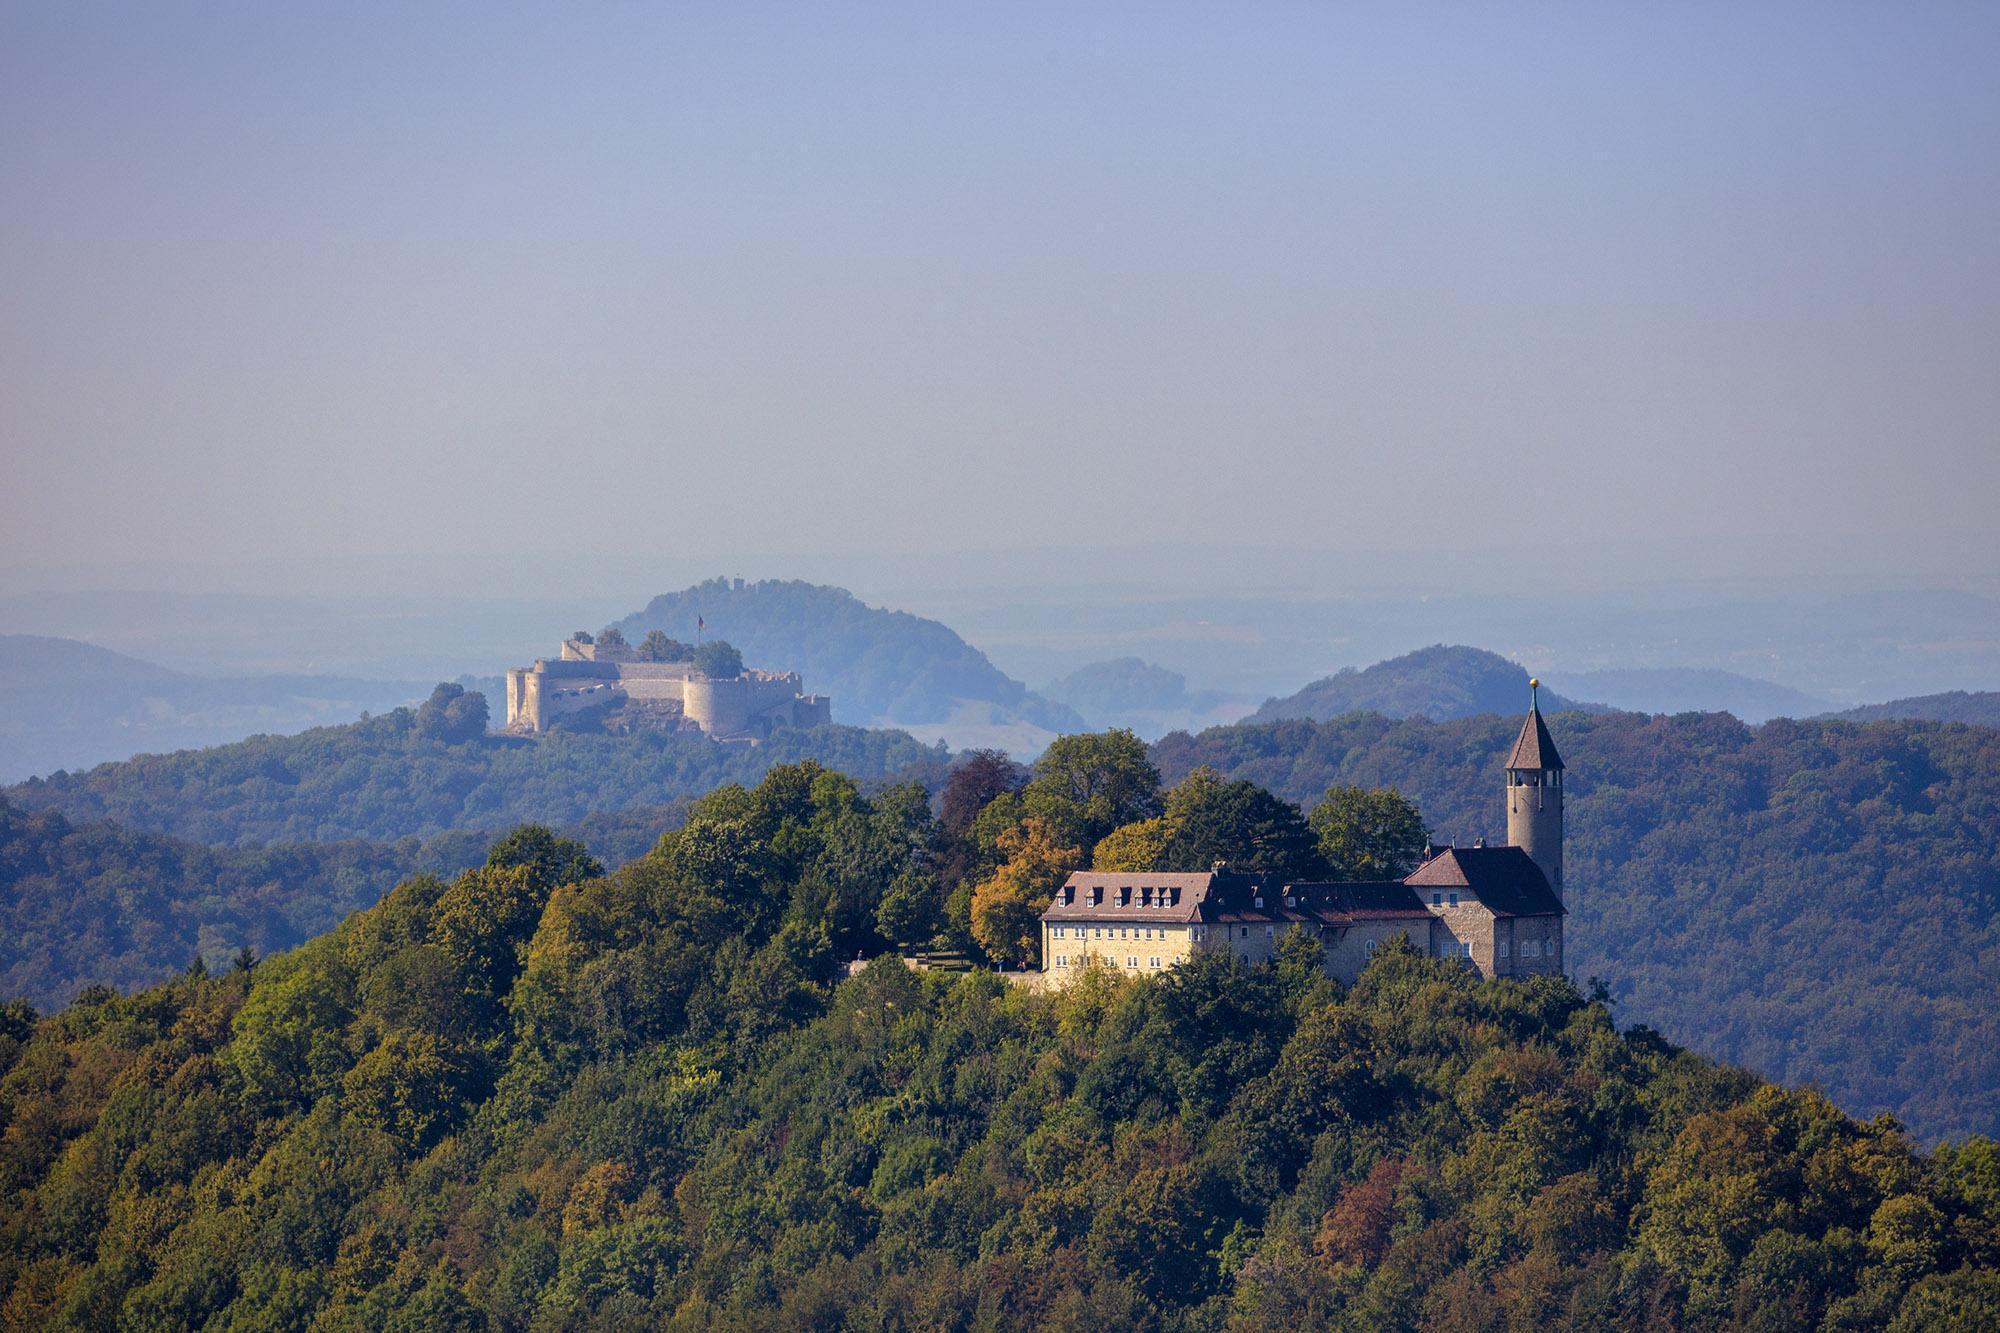 Festungsruine Hohenneuffen und Burg Teck, Außenaufnahme